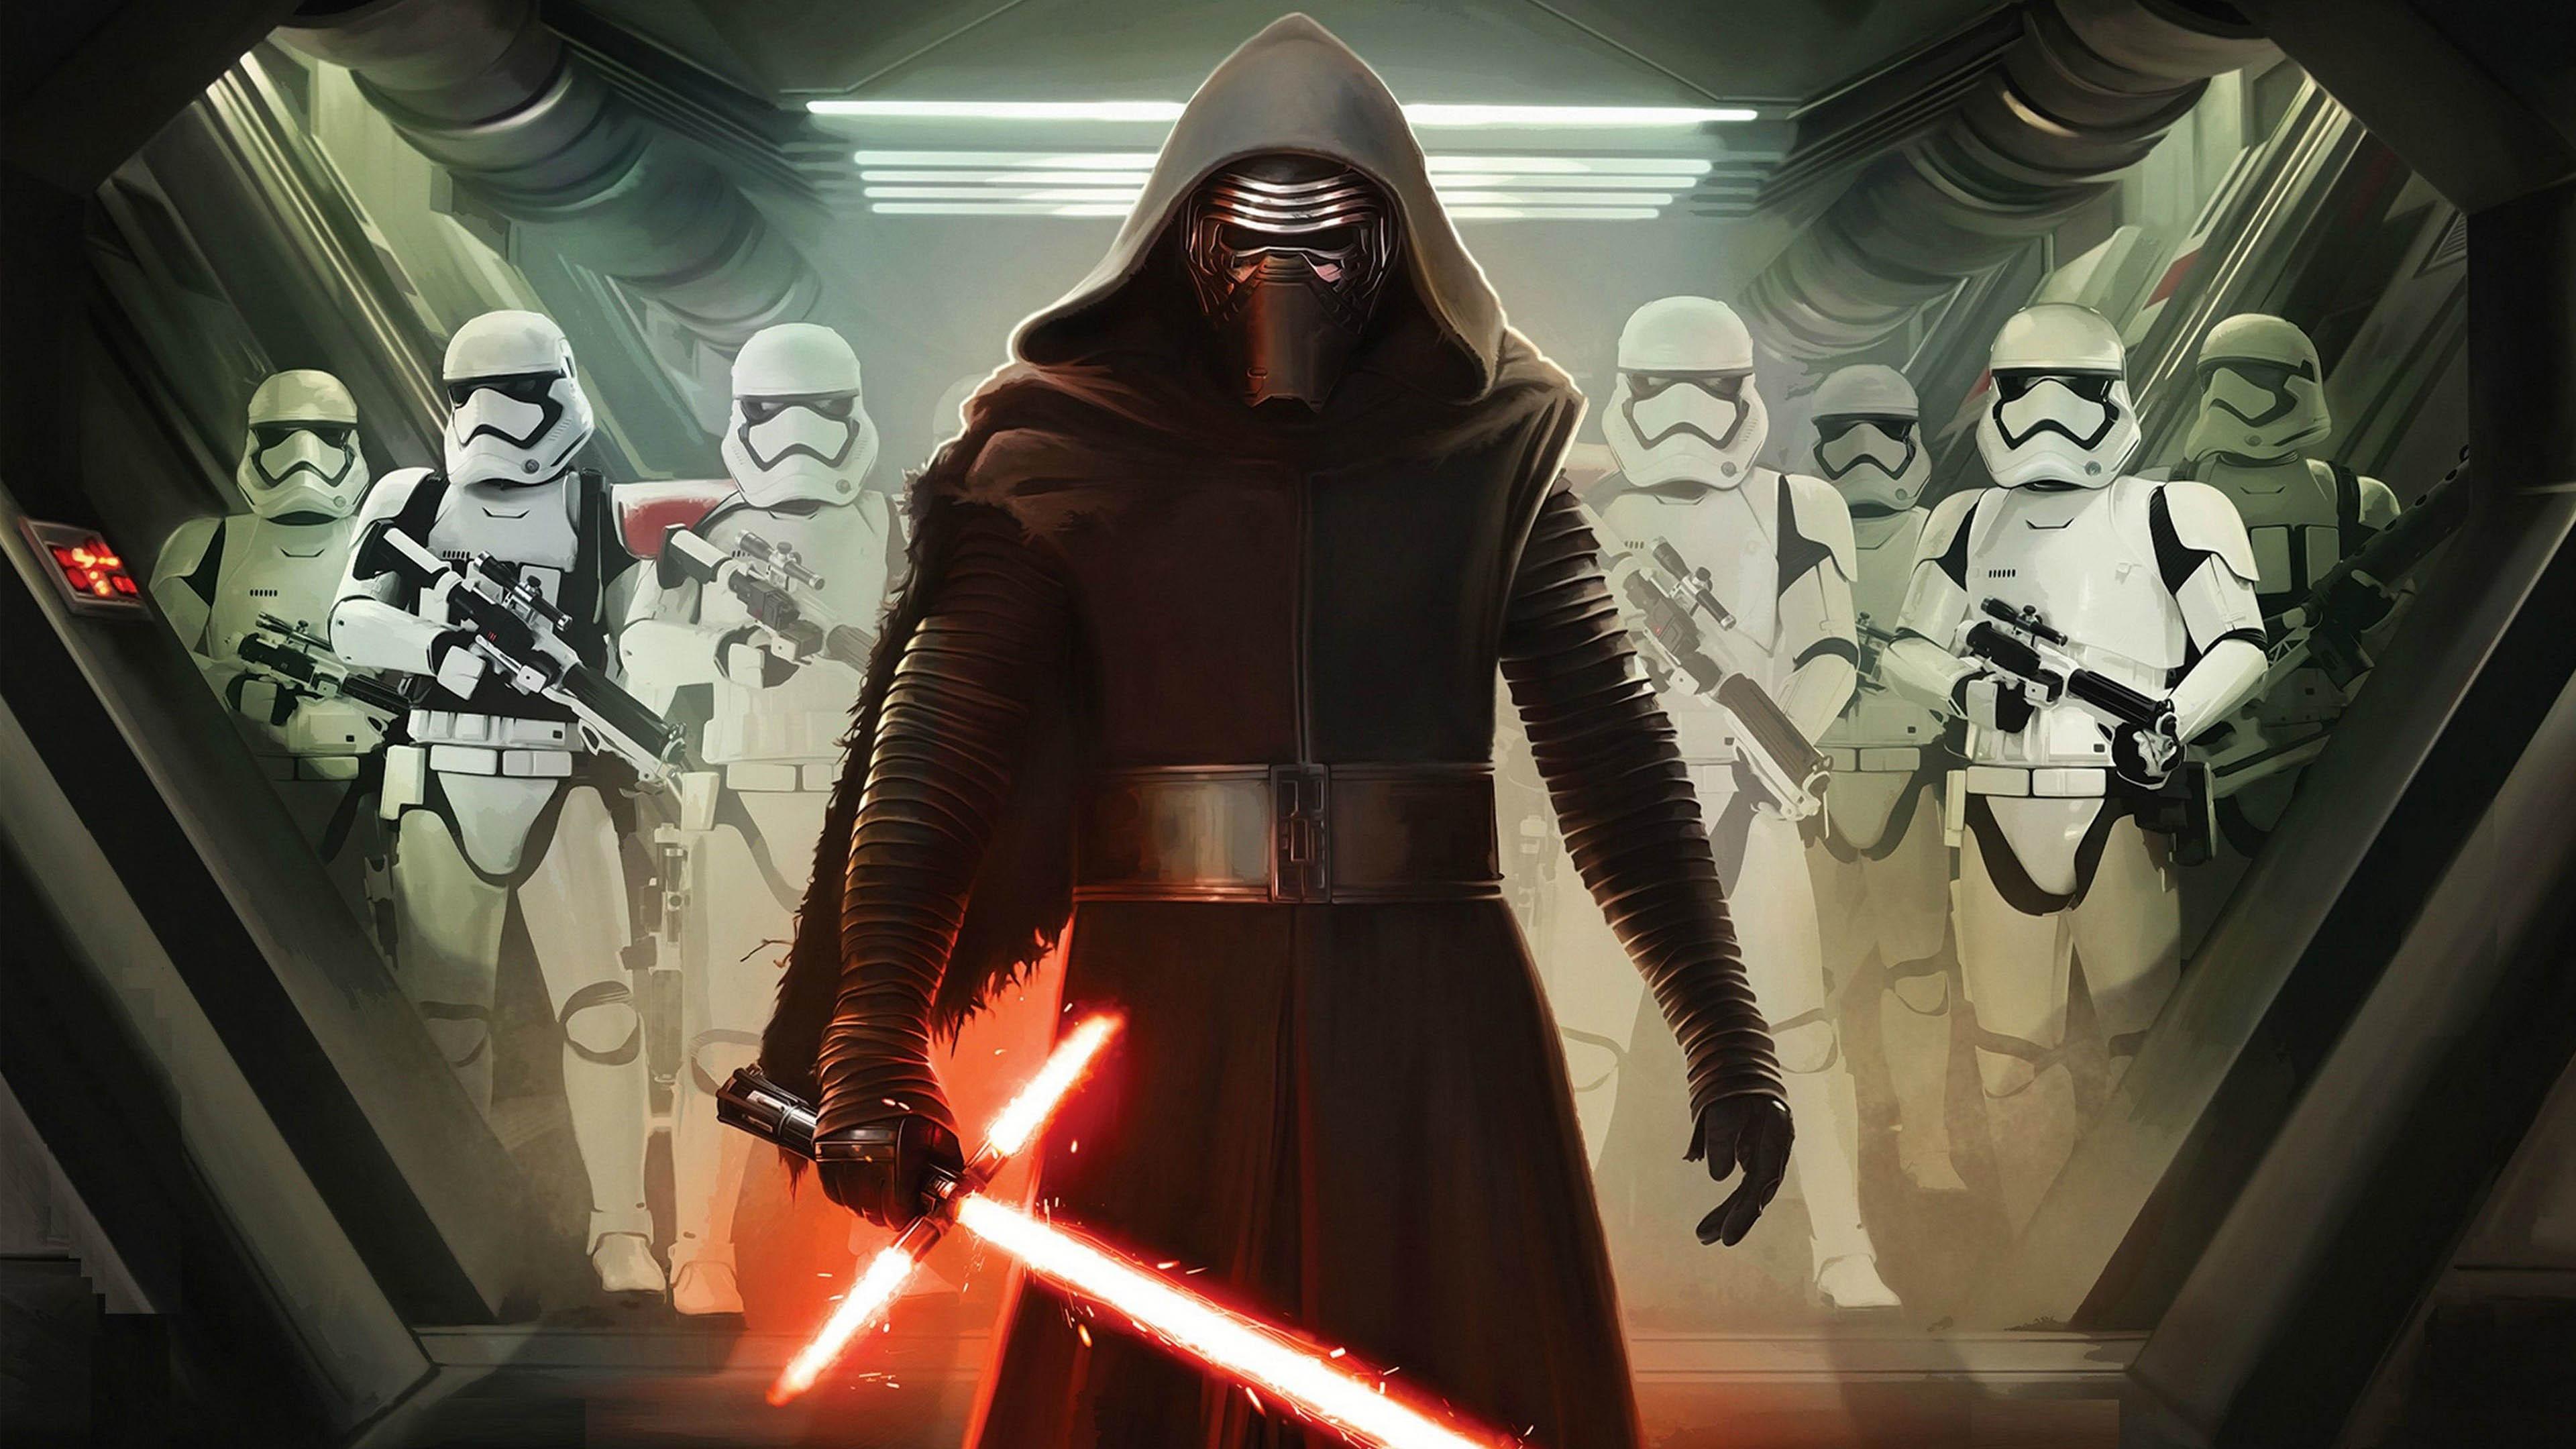 star-wars-7-the-force-awakens-kylo-ren-stormtroopers-wallpaper-5217